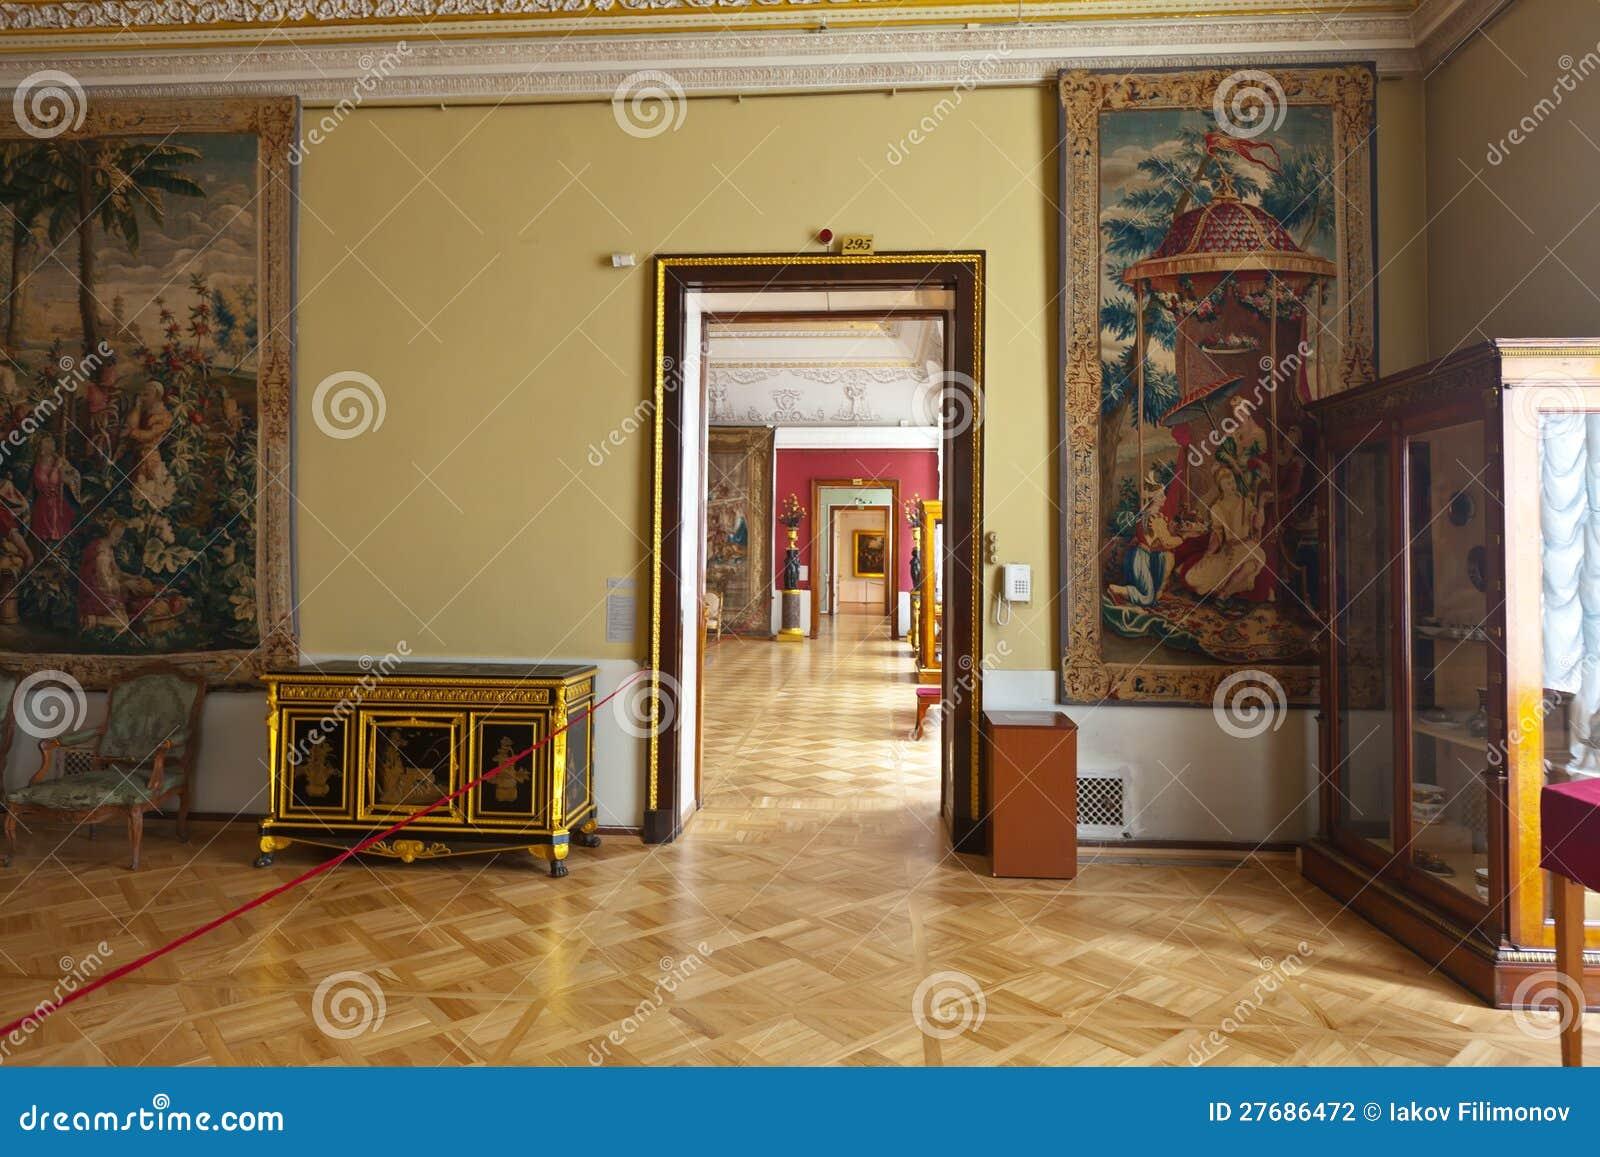 冬天宫殿内部图片